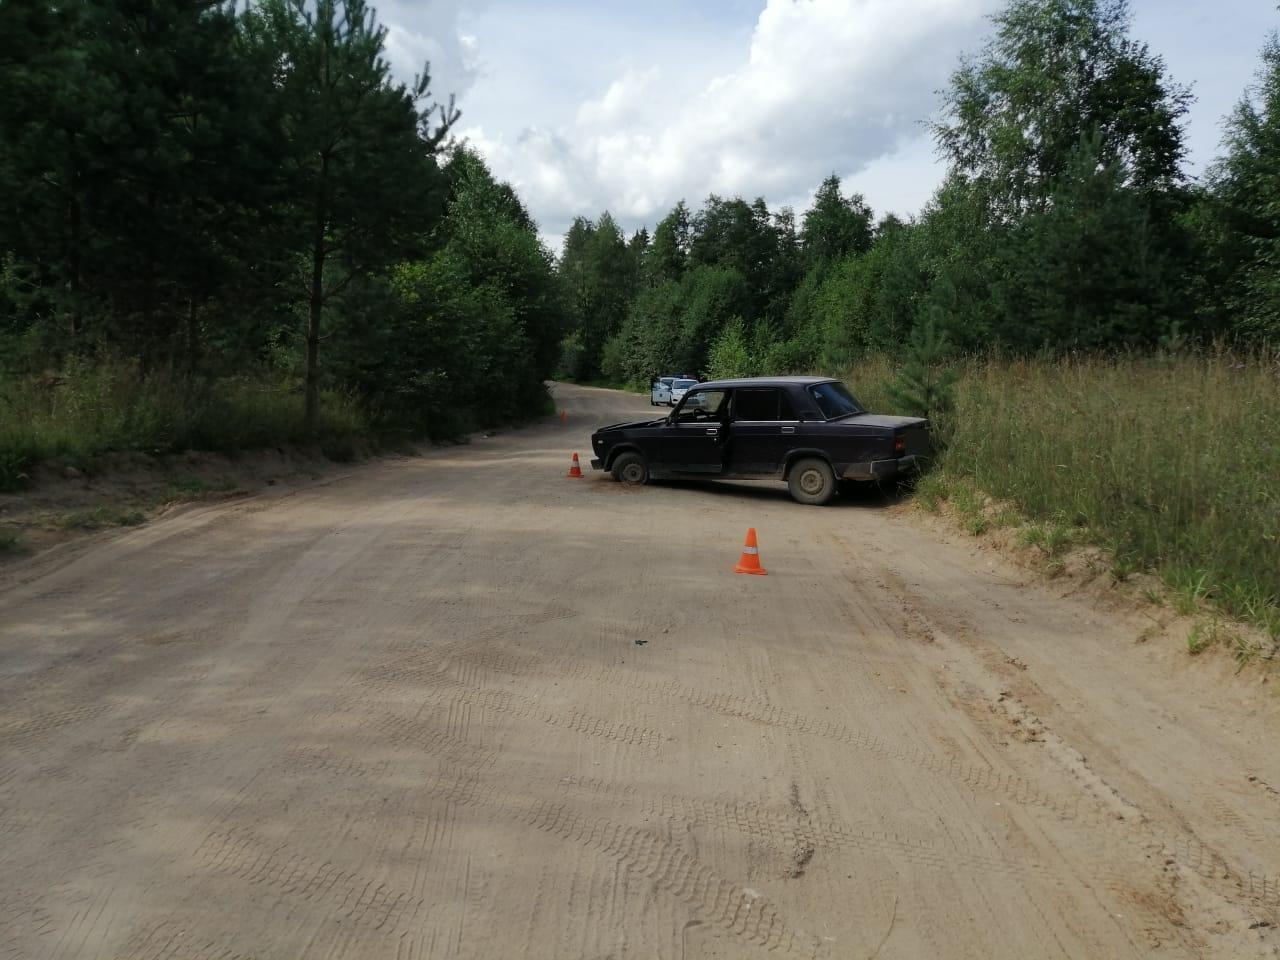 В Тверской области 16-летний водитель сбил 70-летнюю женщину - новости Афанасий